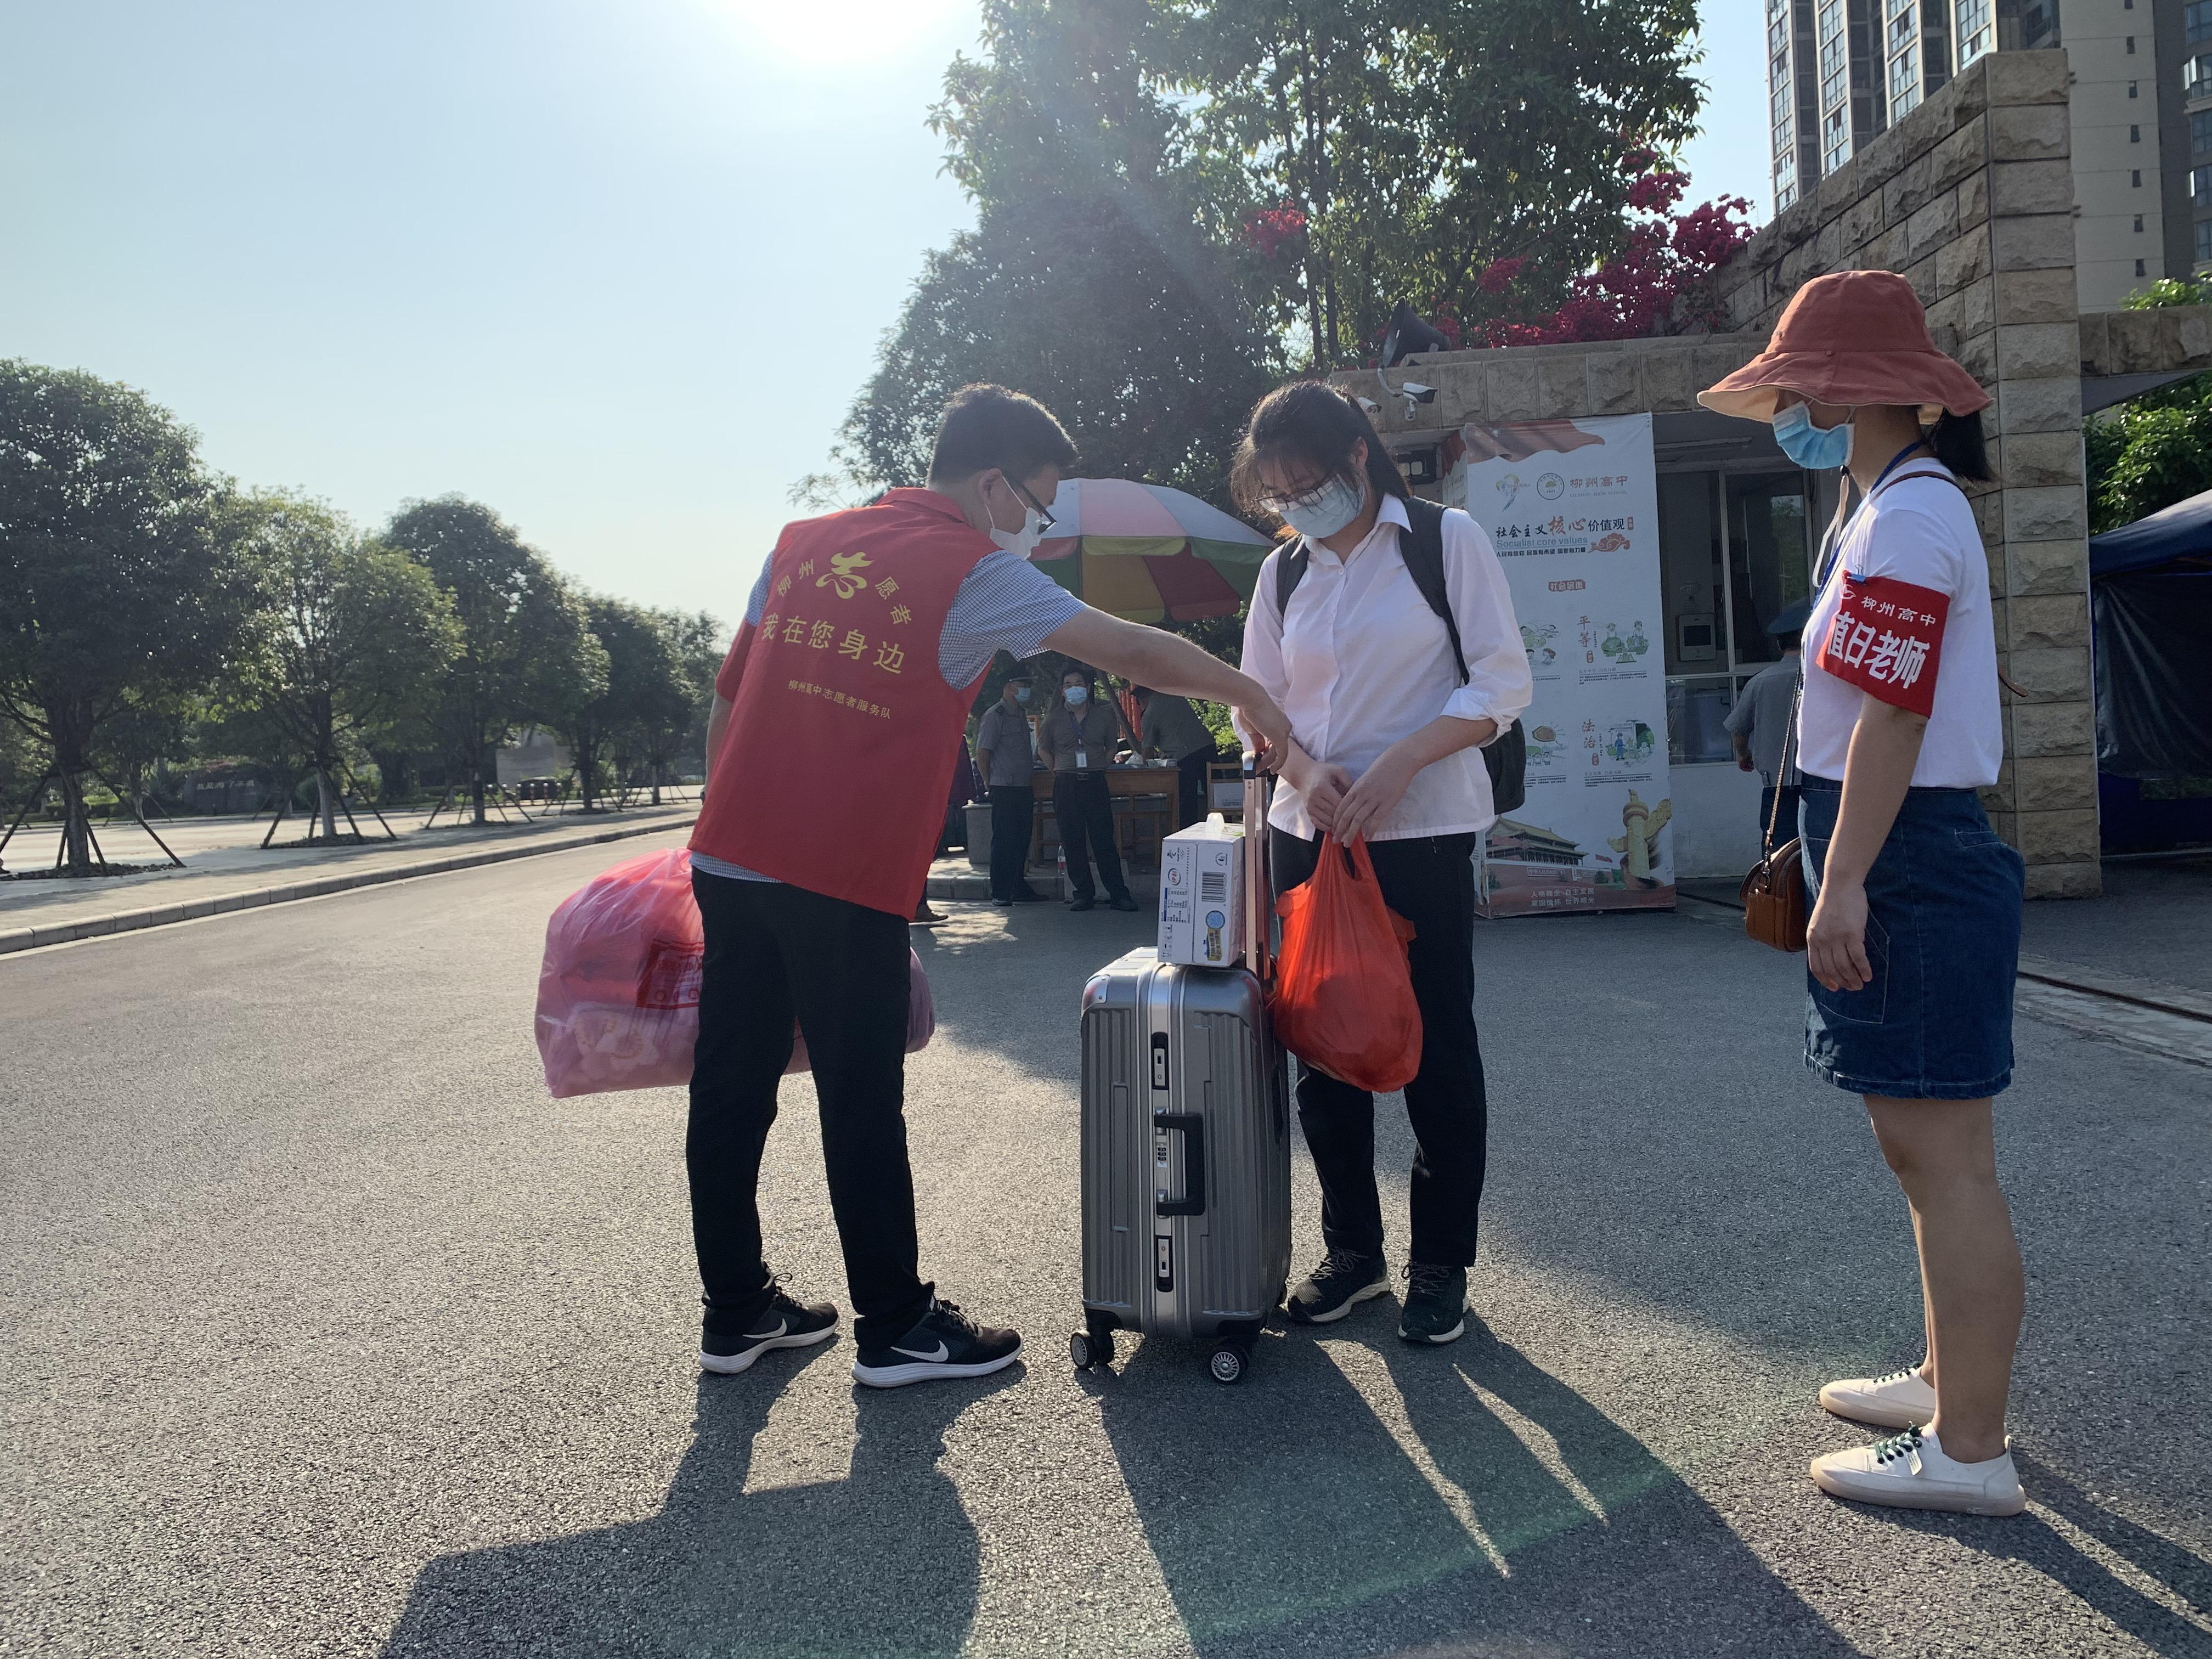 2020-2021年柳州高中春季學期學生開學分批返校1.jpg